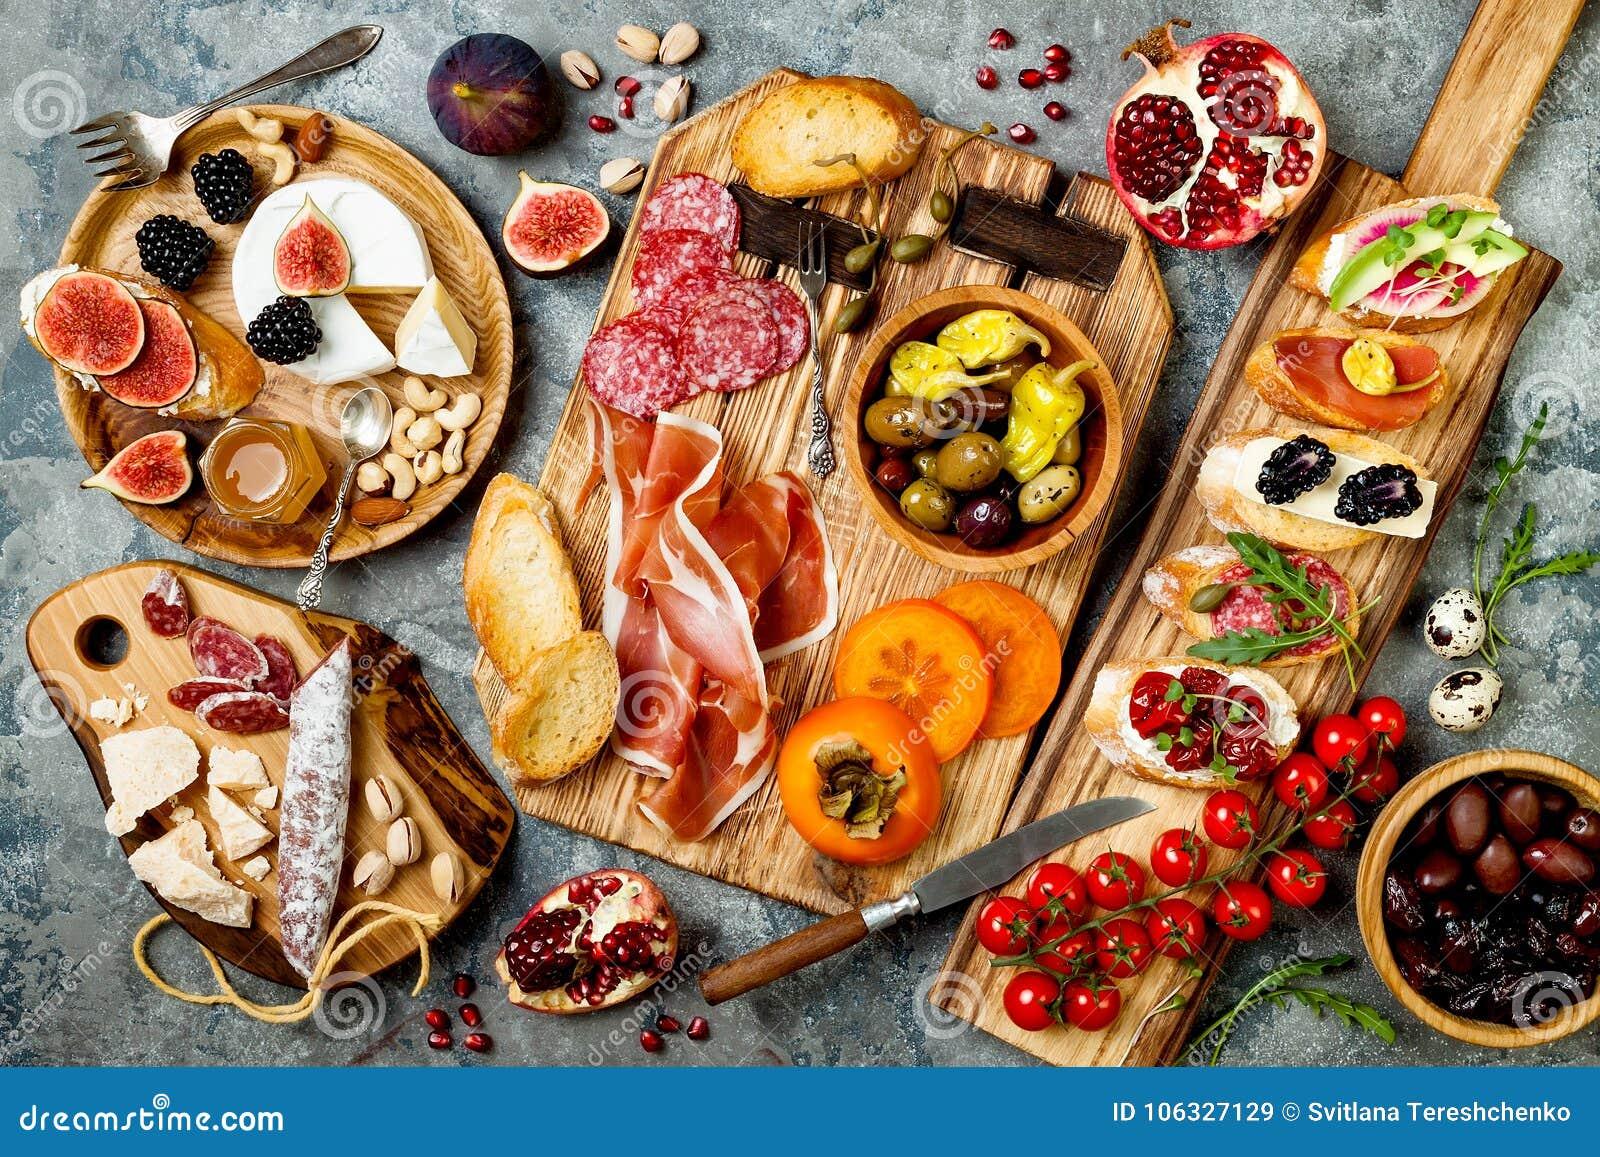 Закуски ставят на обсуждение с итальянскими закусками antipasti Brushetta или подлинные традиционные испанские тапы установили, д